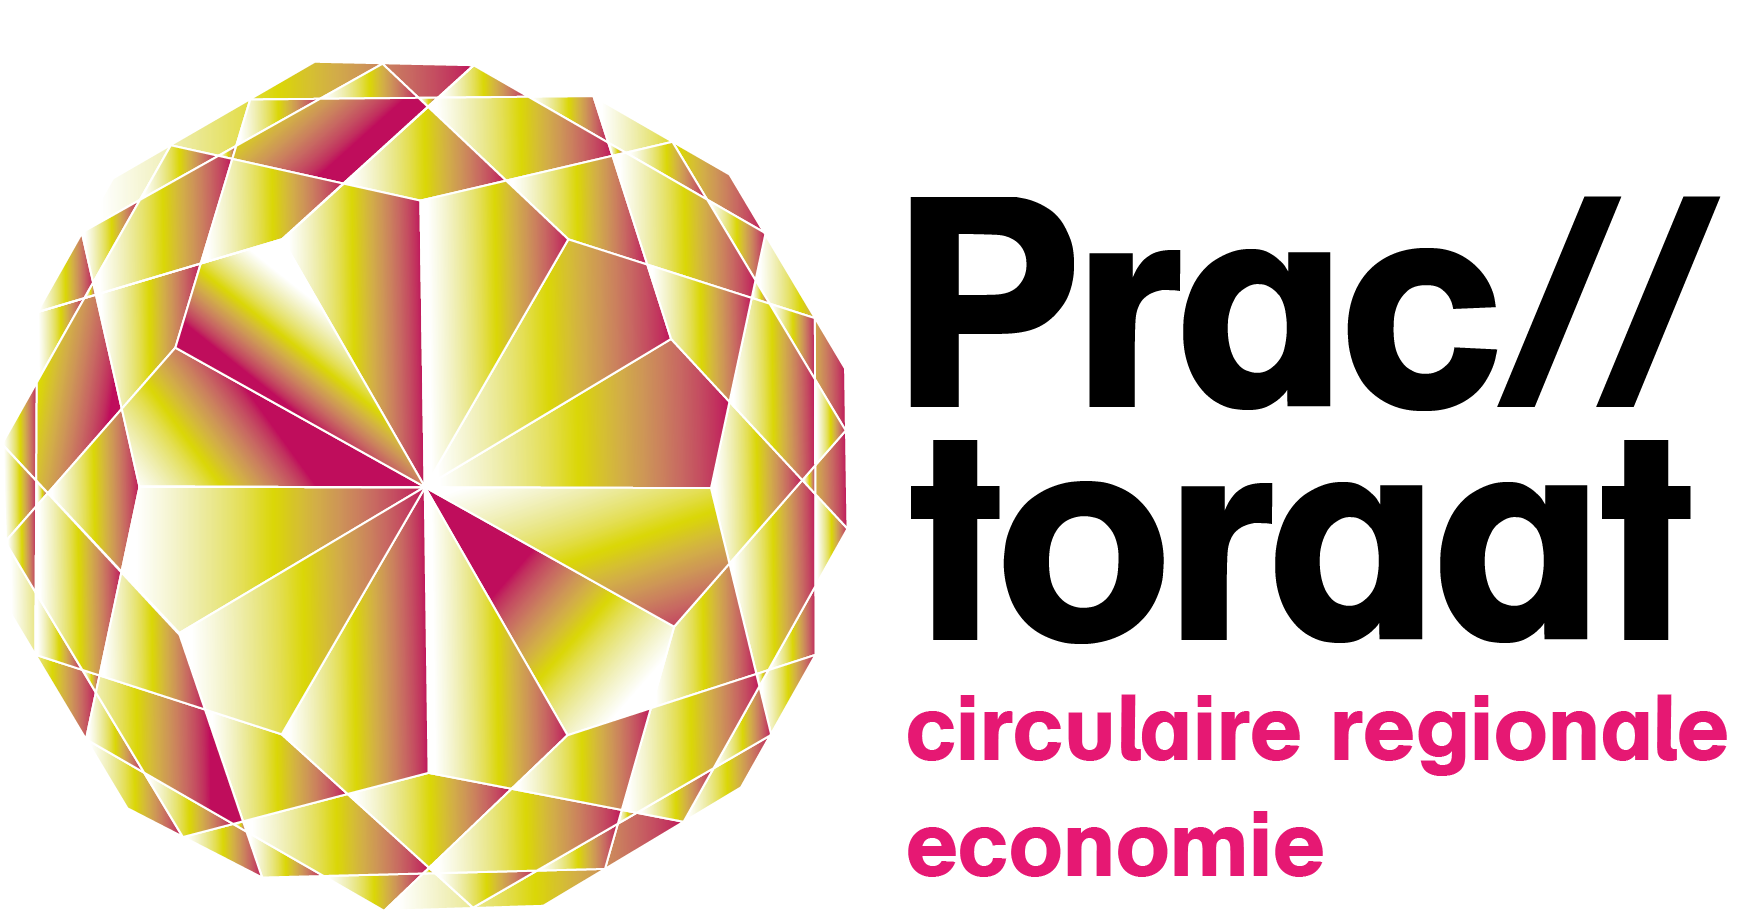 logo_practoraat_circulaire-regionale-economie